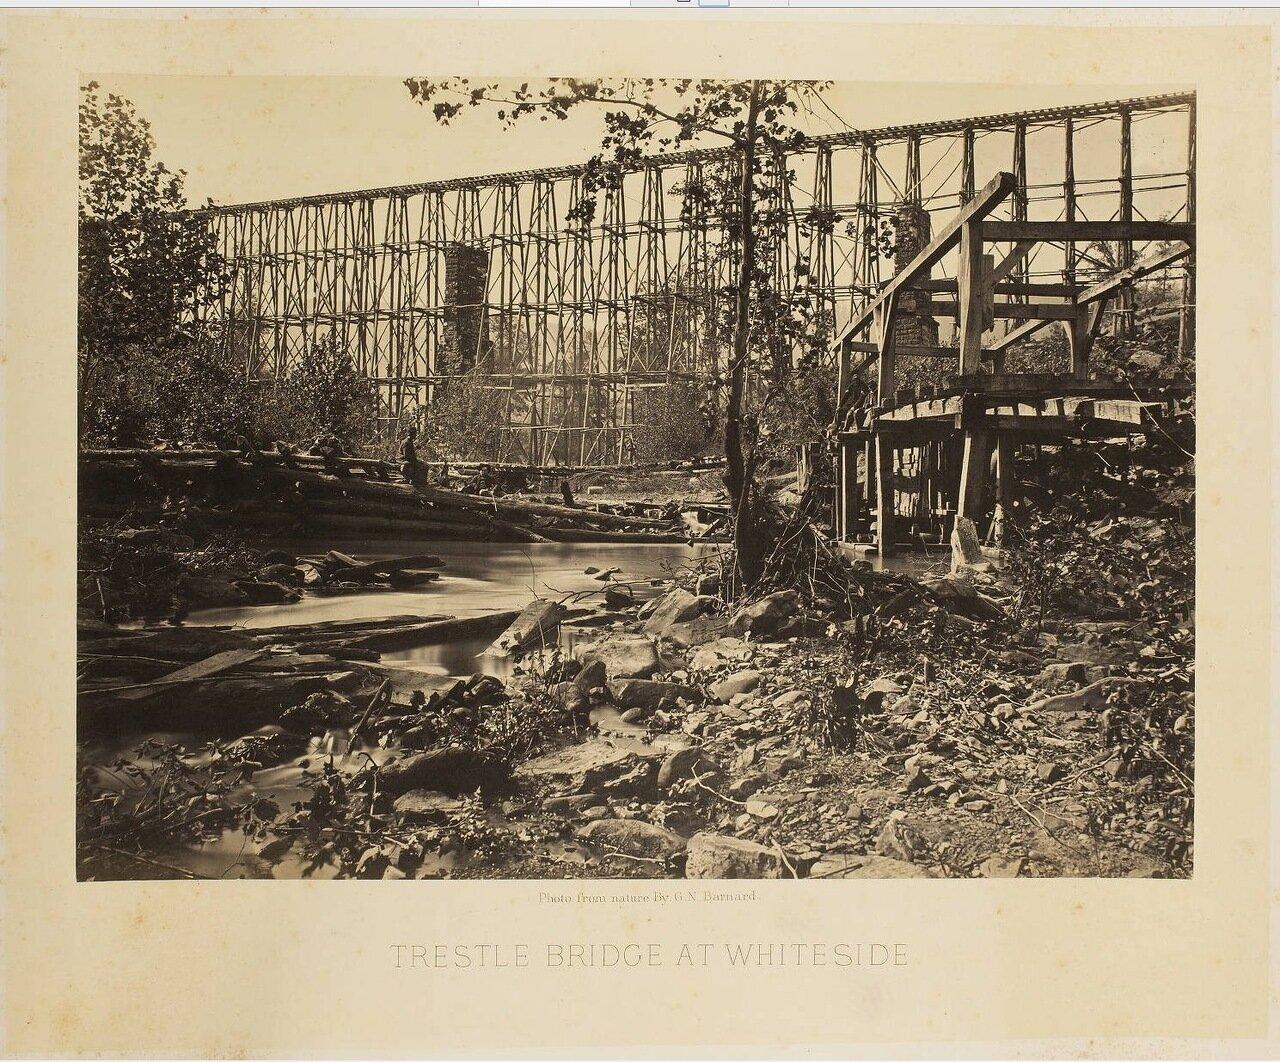 Эстакада моста на Уайтсайд